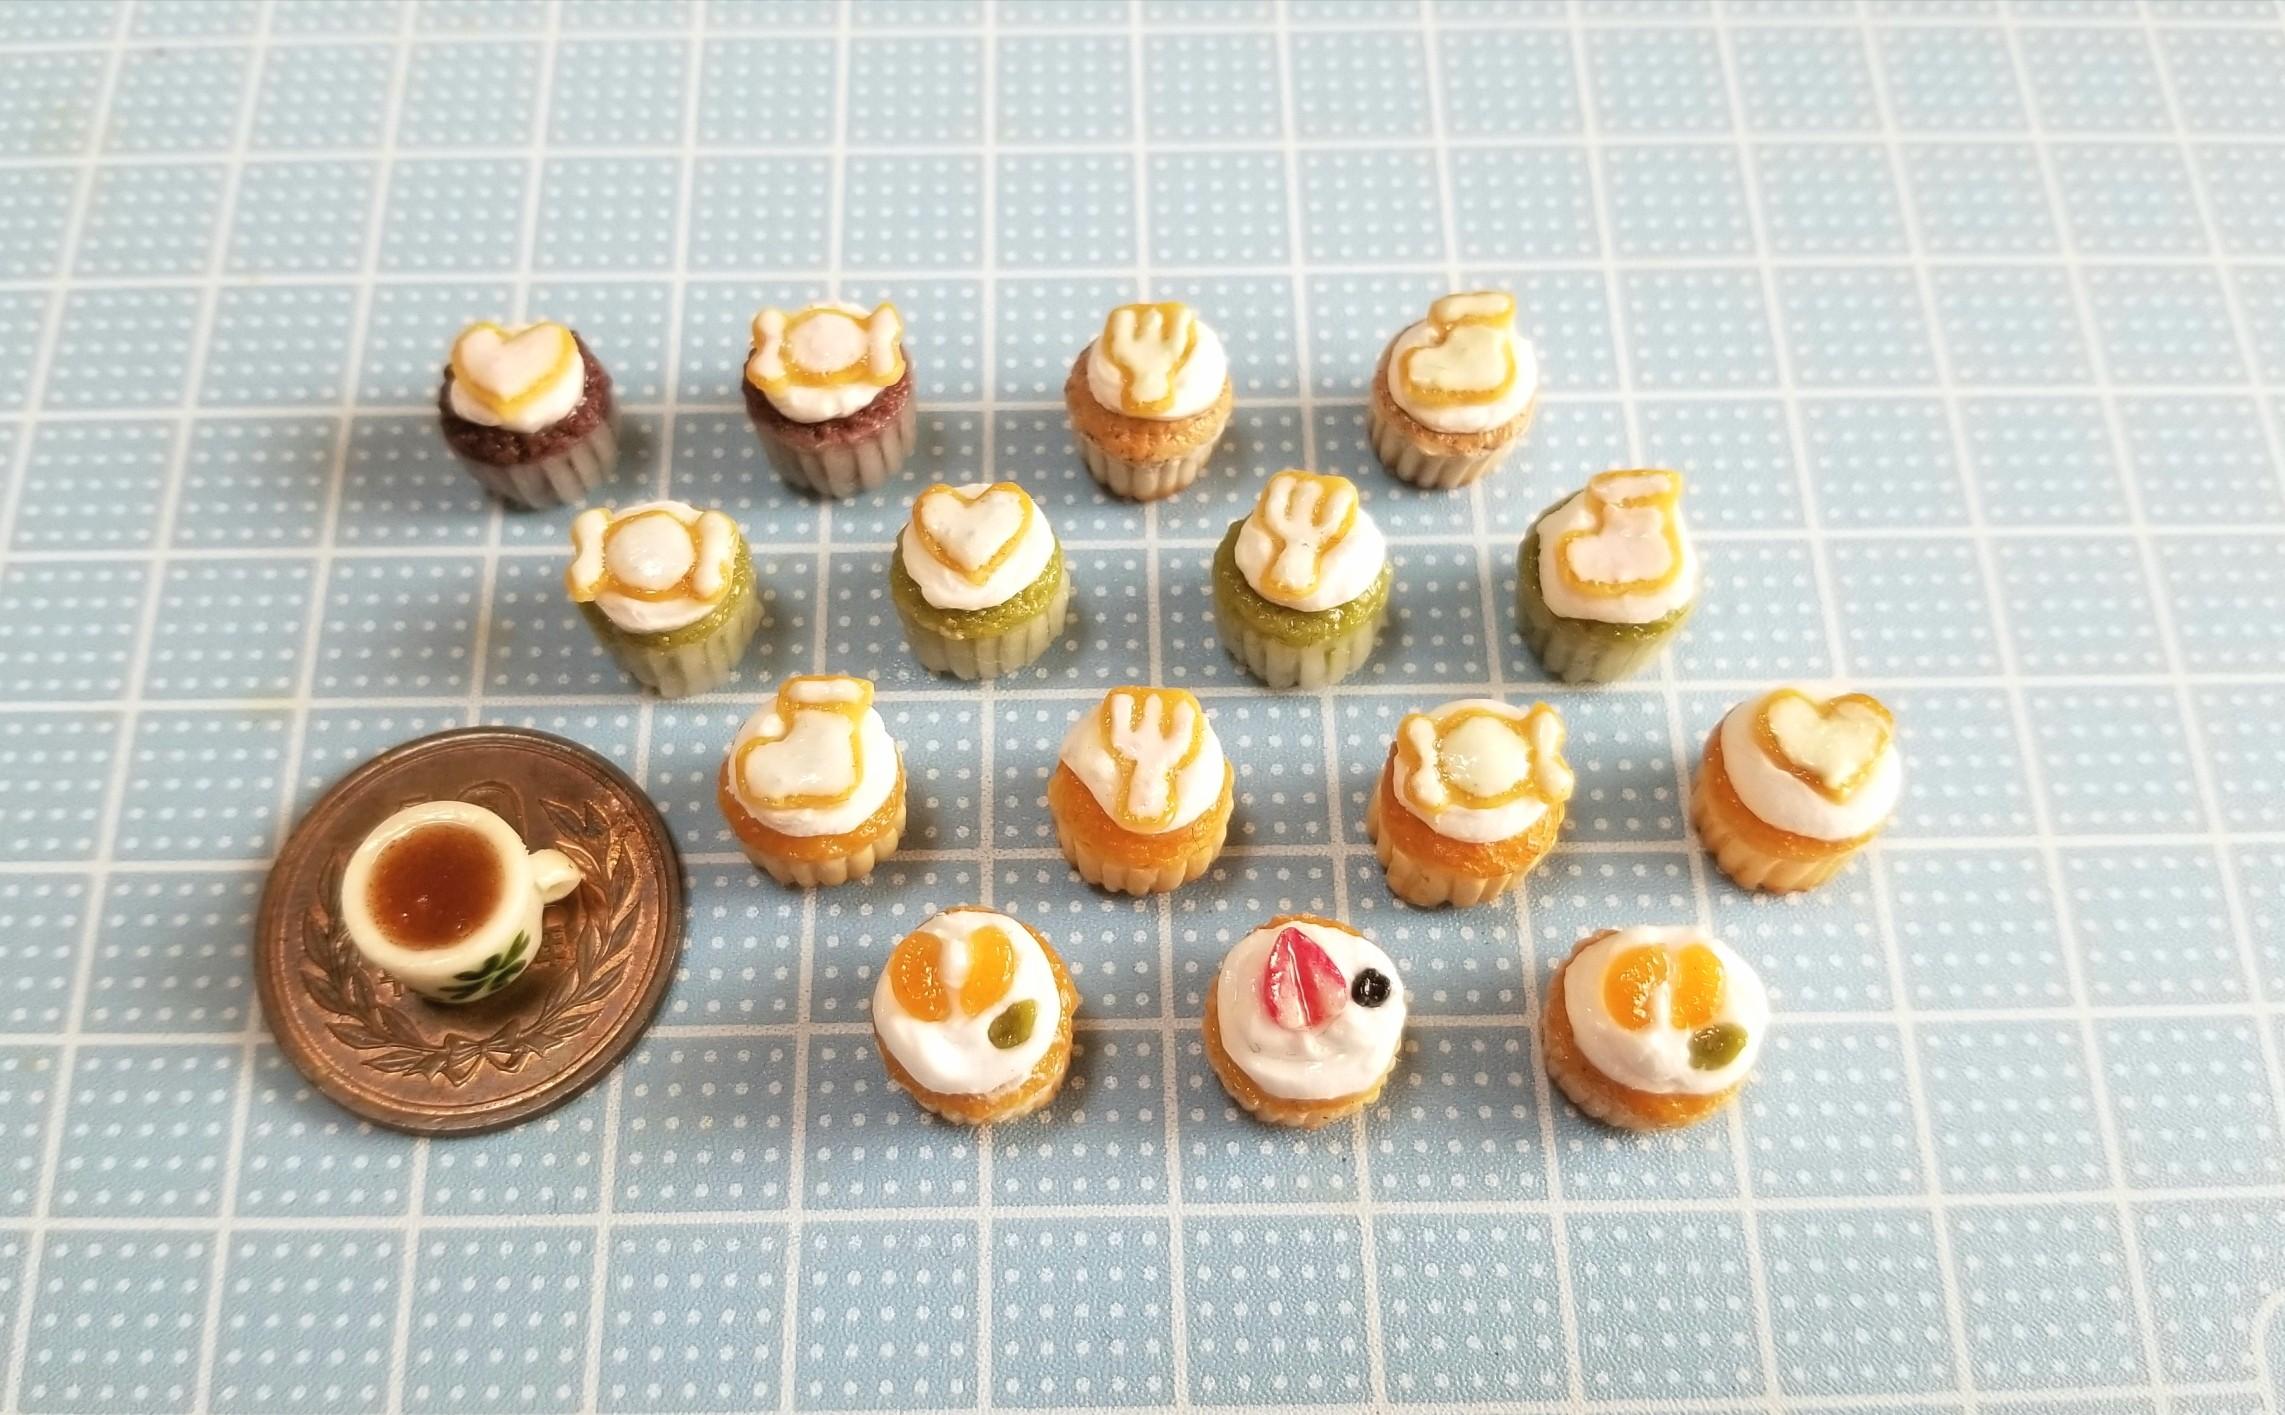 ミニチュア,カップケーキ,アイシングクッキー,樹脂粘土,食品サンプル